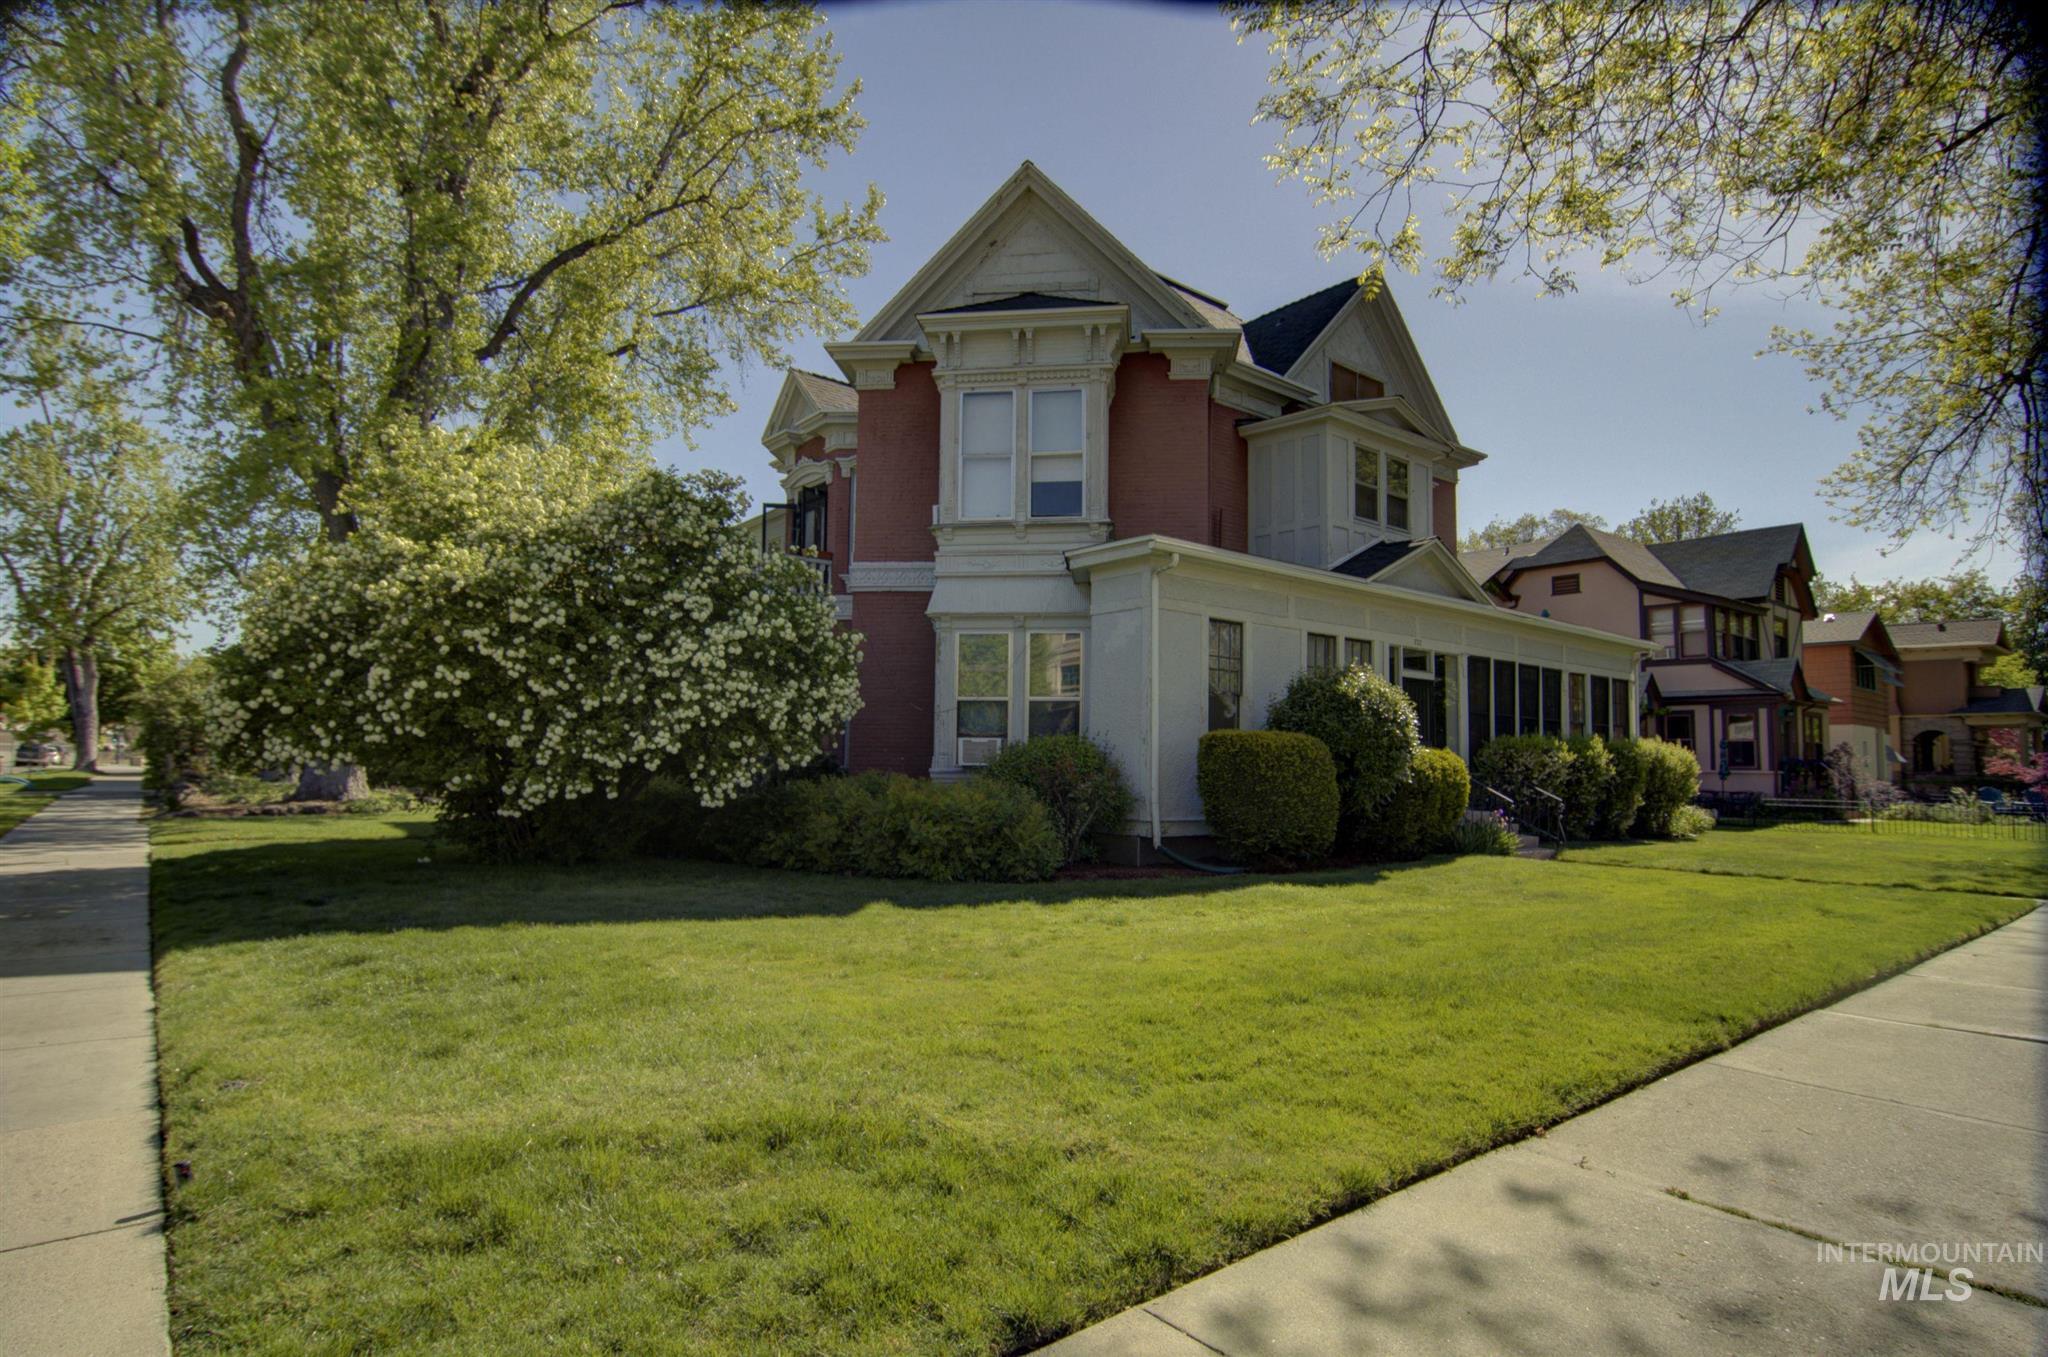 722 W Franklin St Property Photo